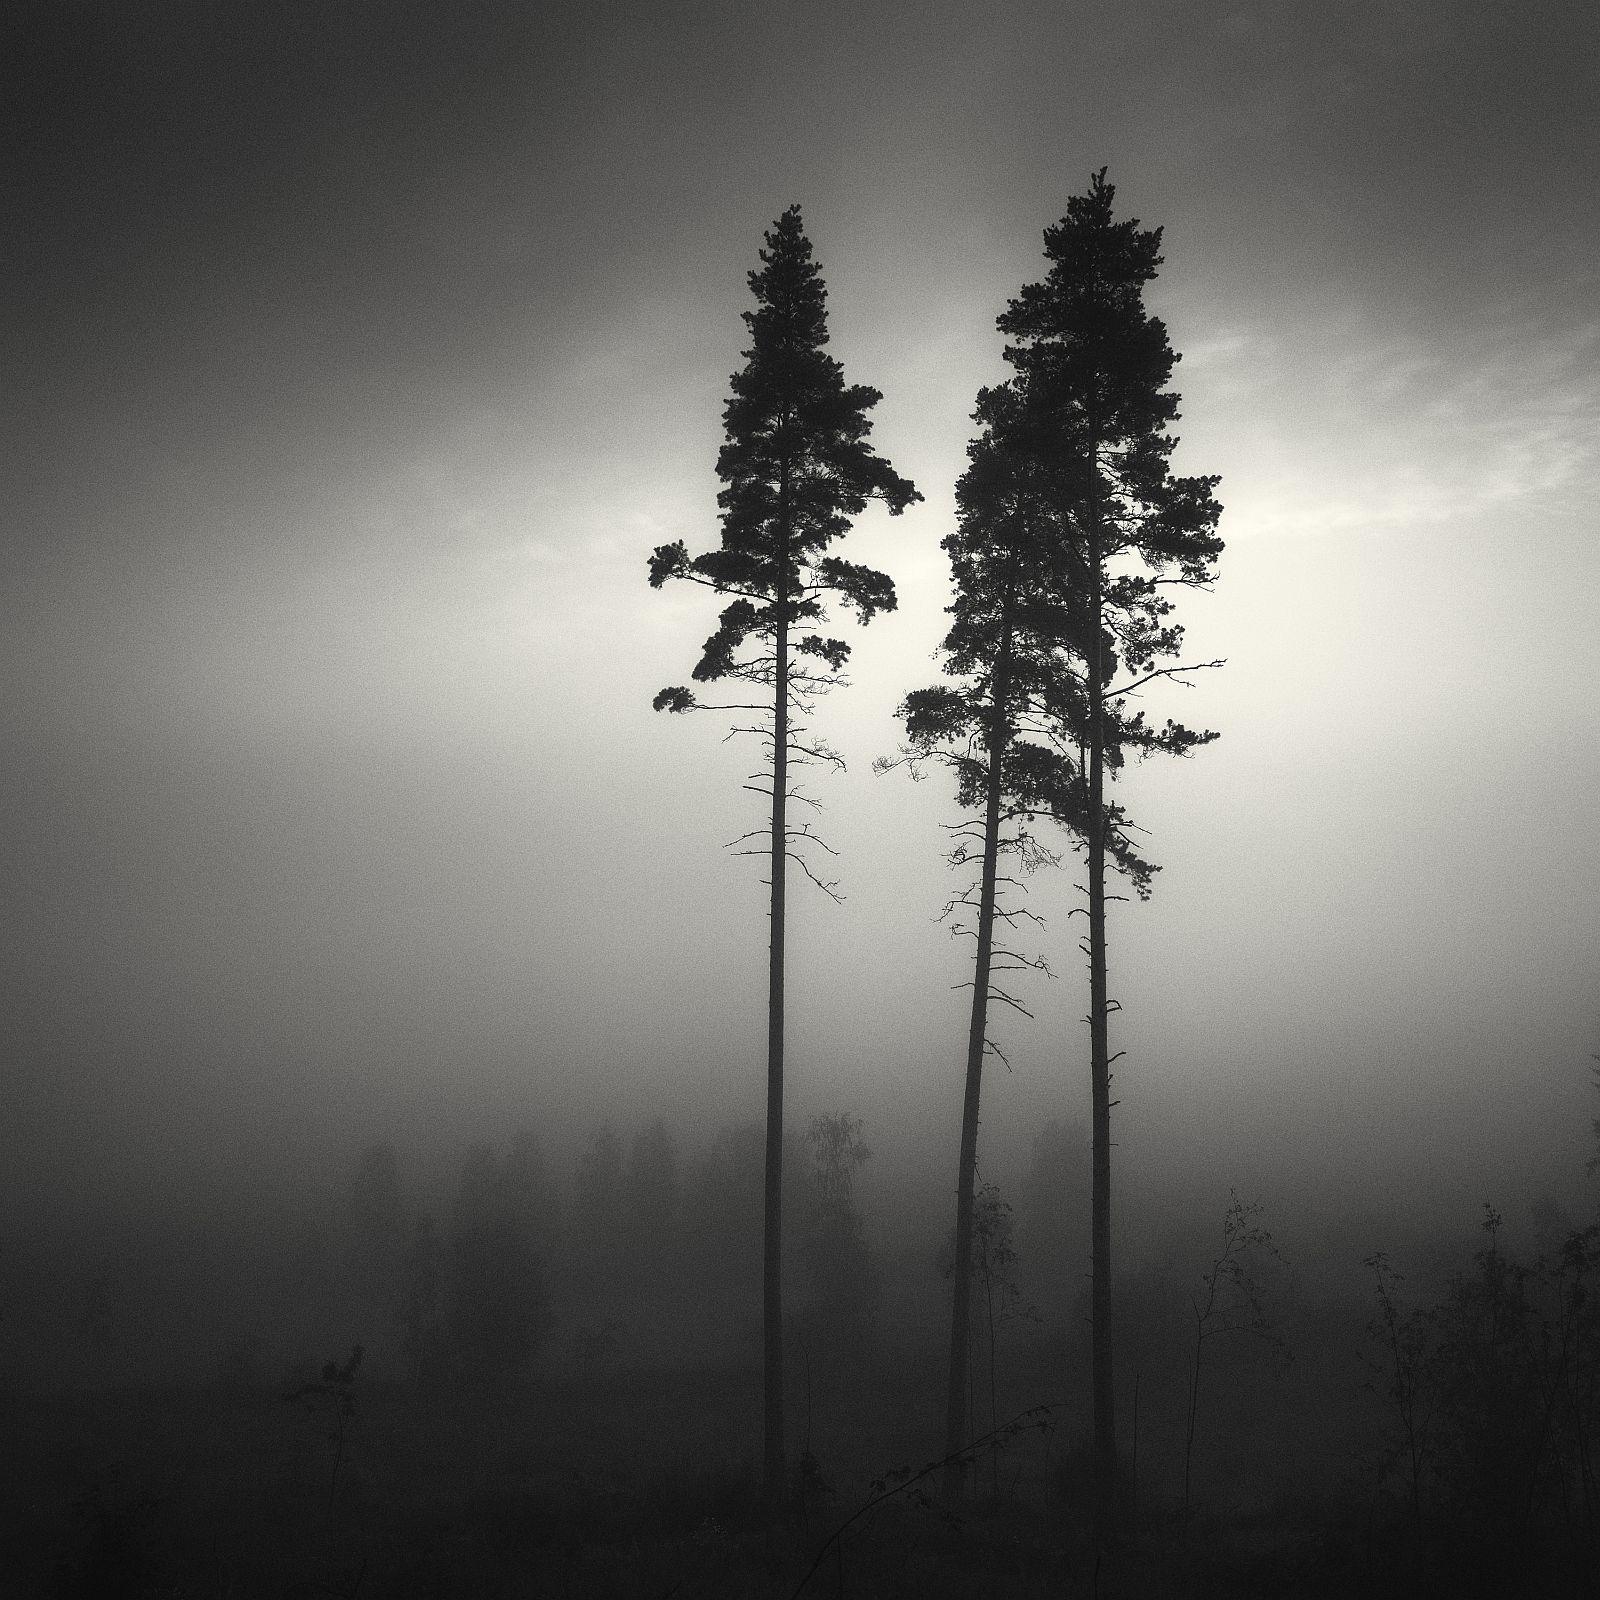 «Соснові ліси». Перше місце в «Nature trees». Фото: Vesa Pihanurmi